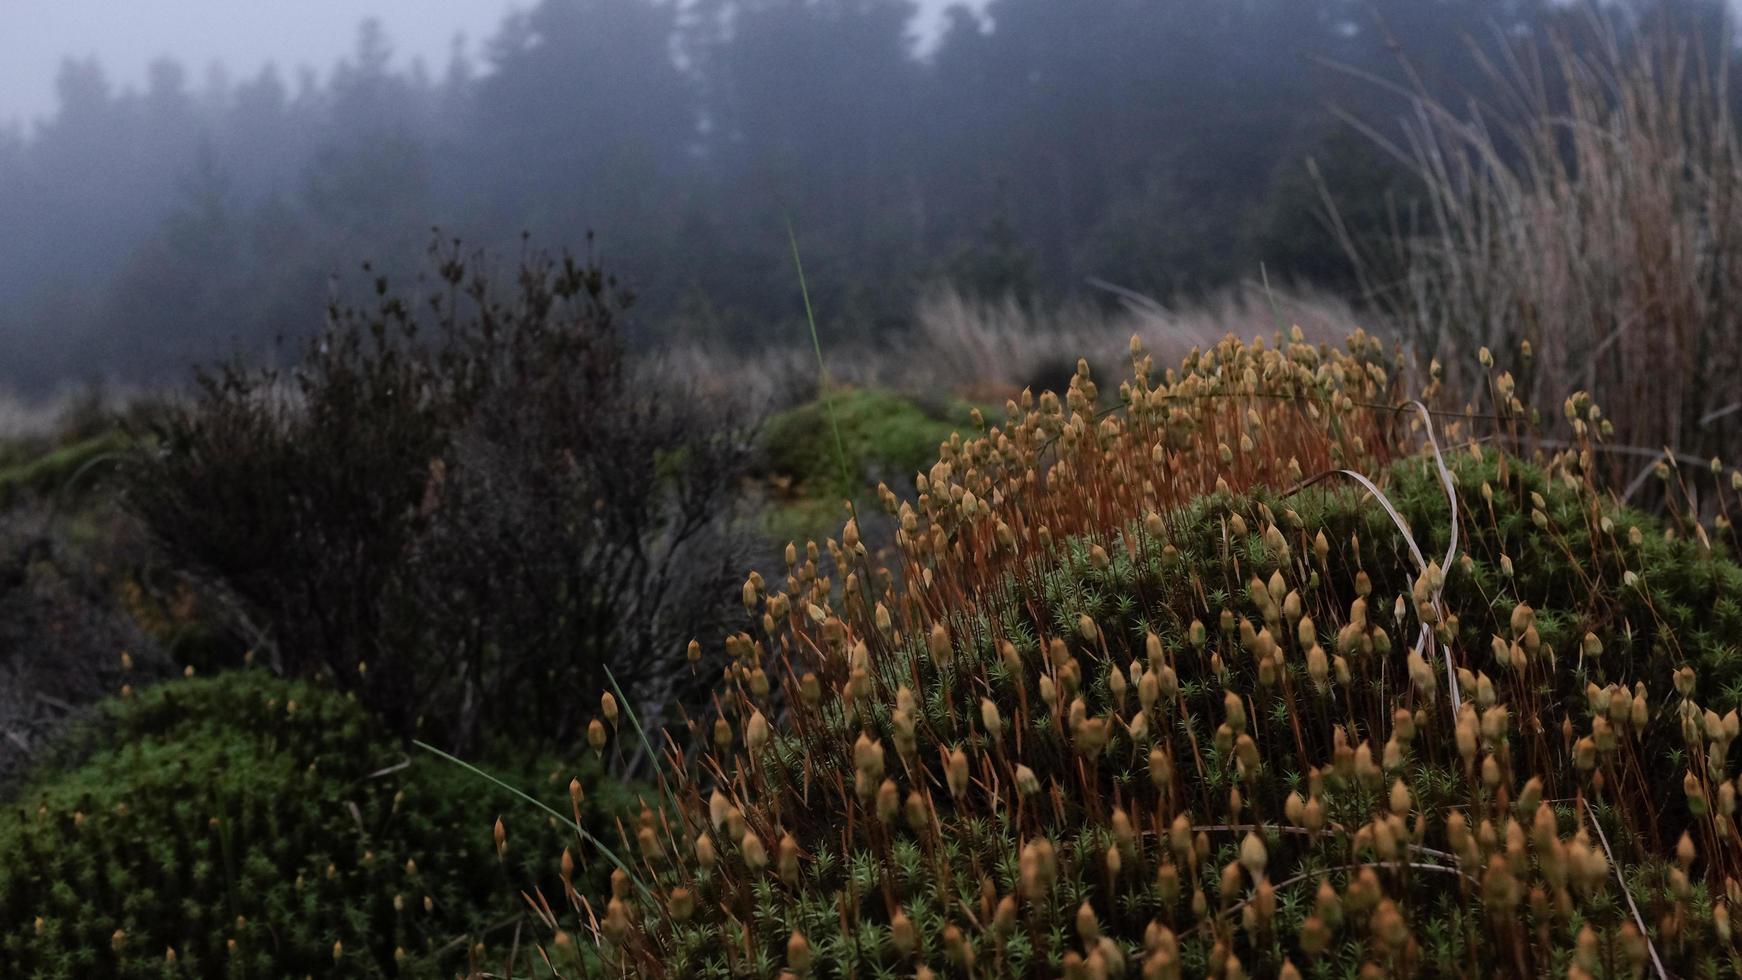 grasbewachsenes Herbstfeld foto